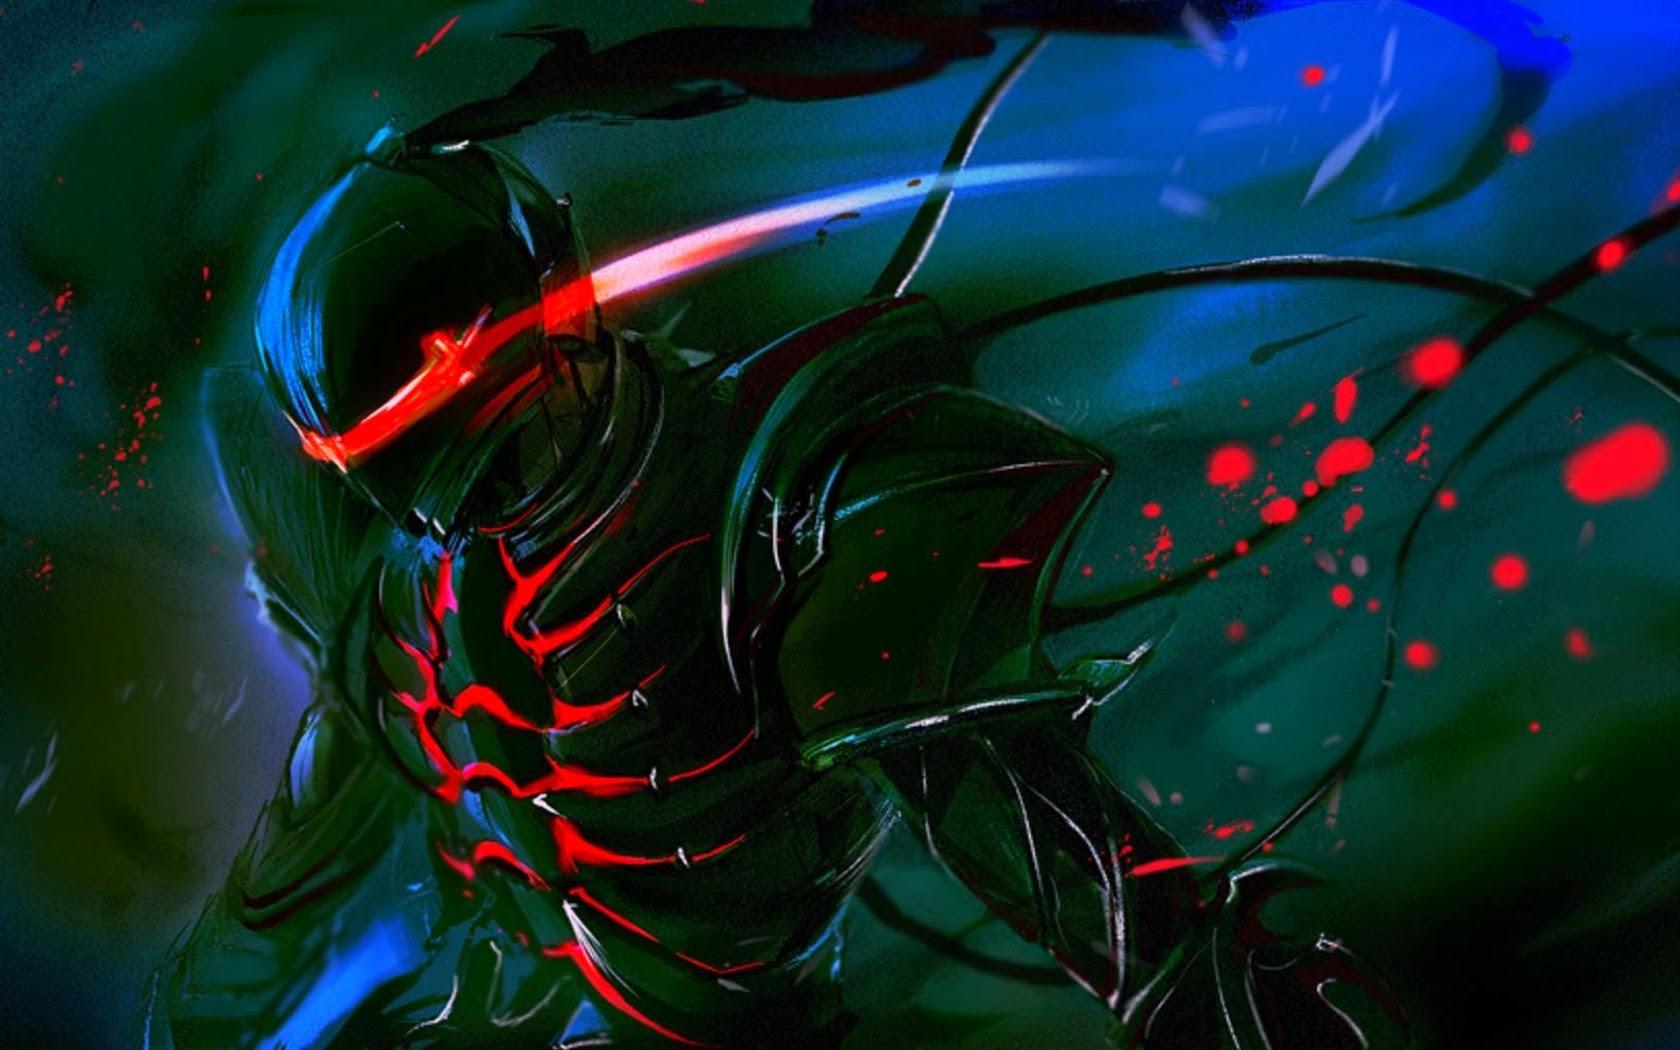 berserker fate zero wallpaper anime black armor 1680x1050 a789 1680x1050